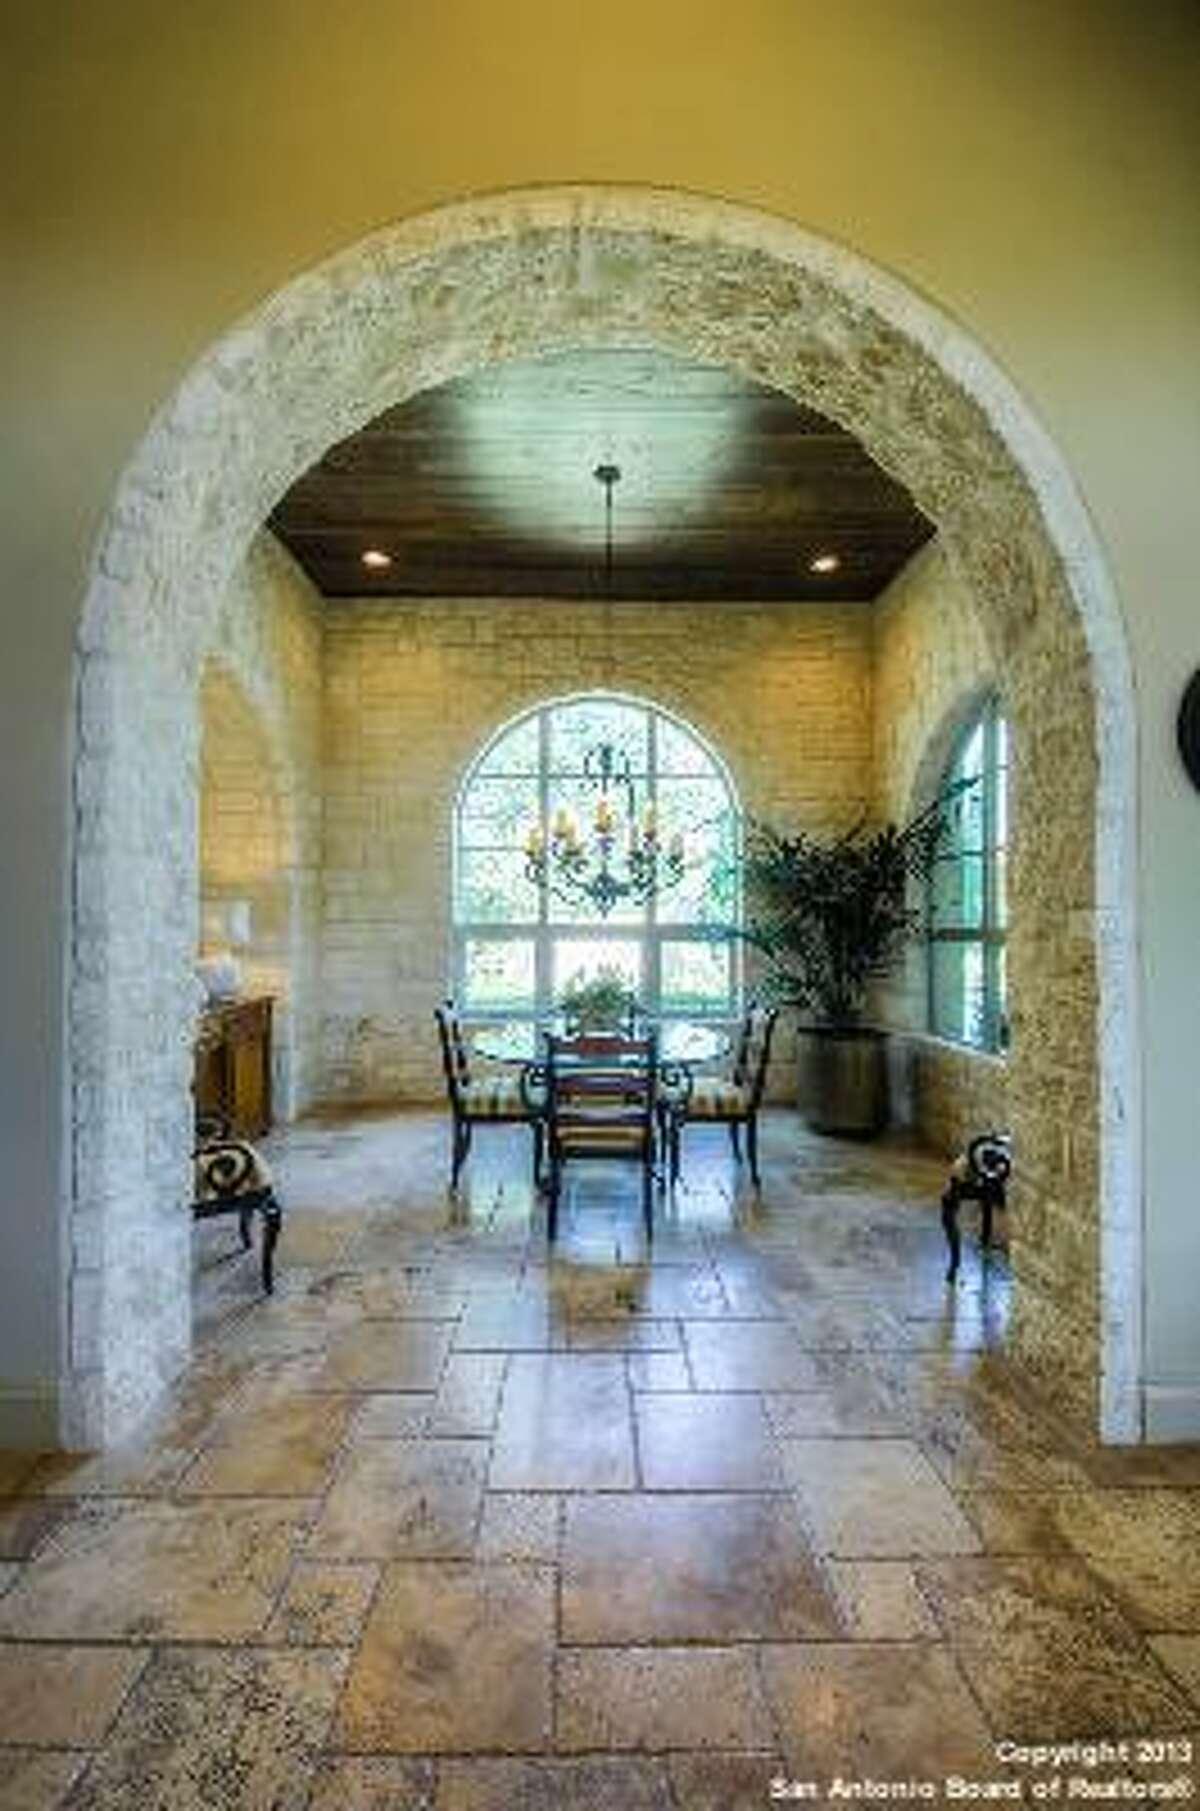 18 Montivillers San Antonio, TX 78257-1385